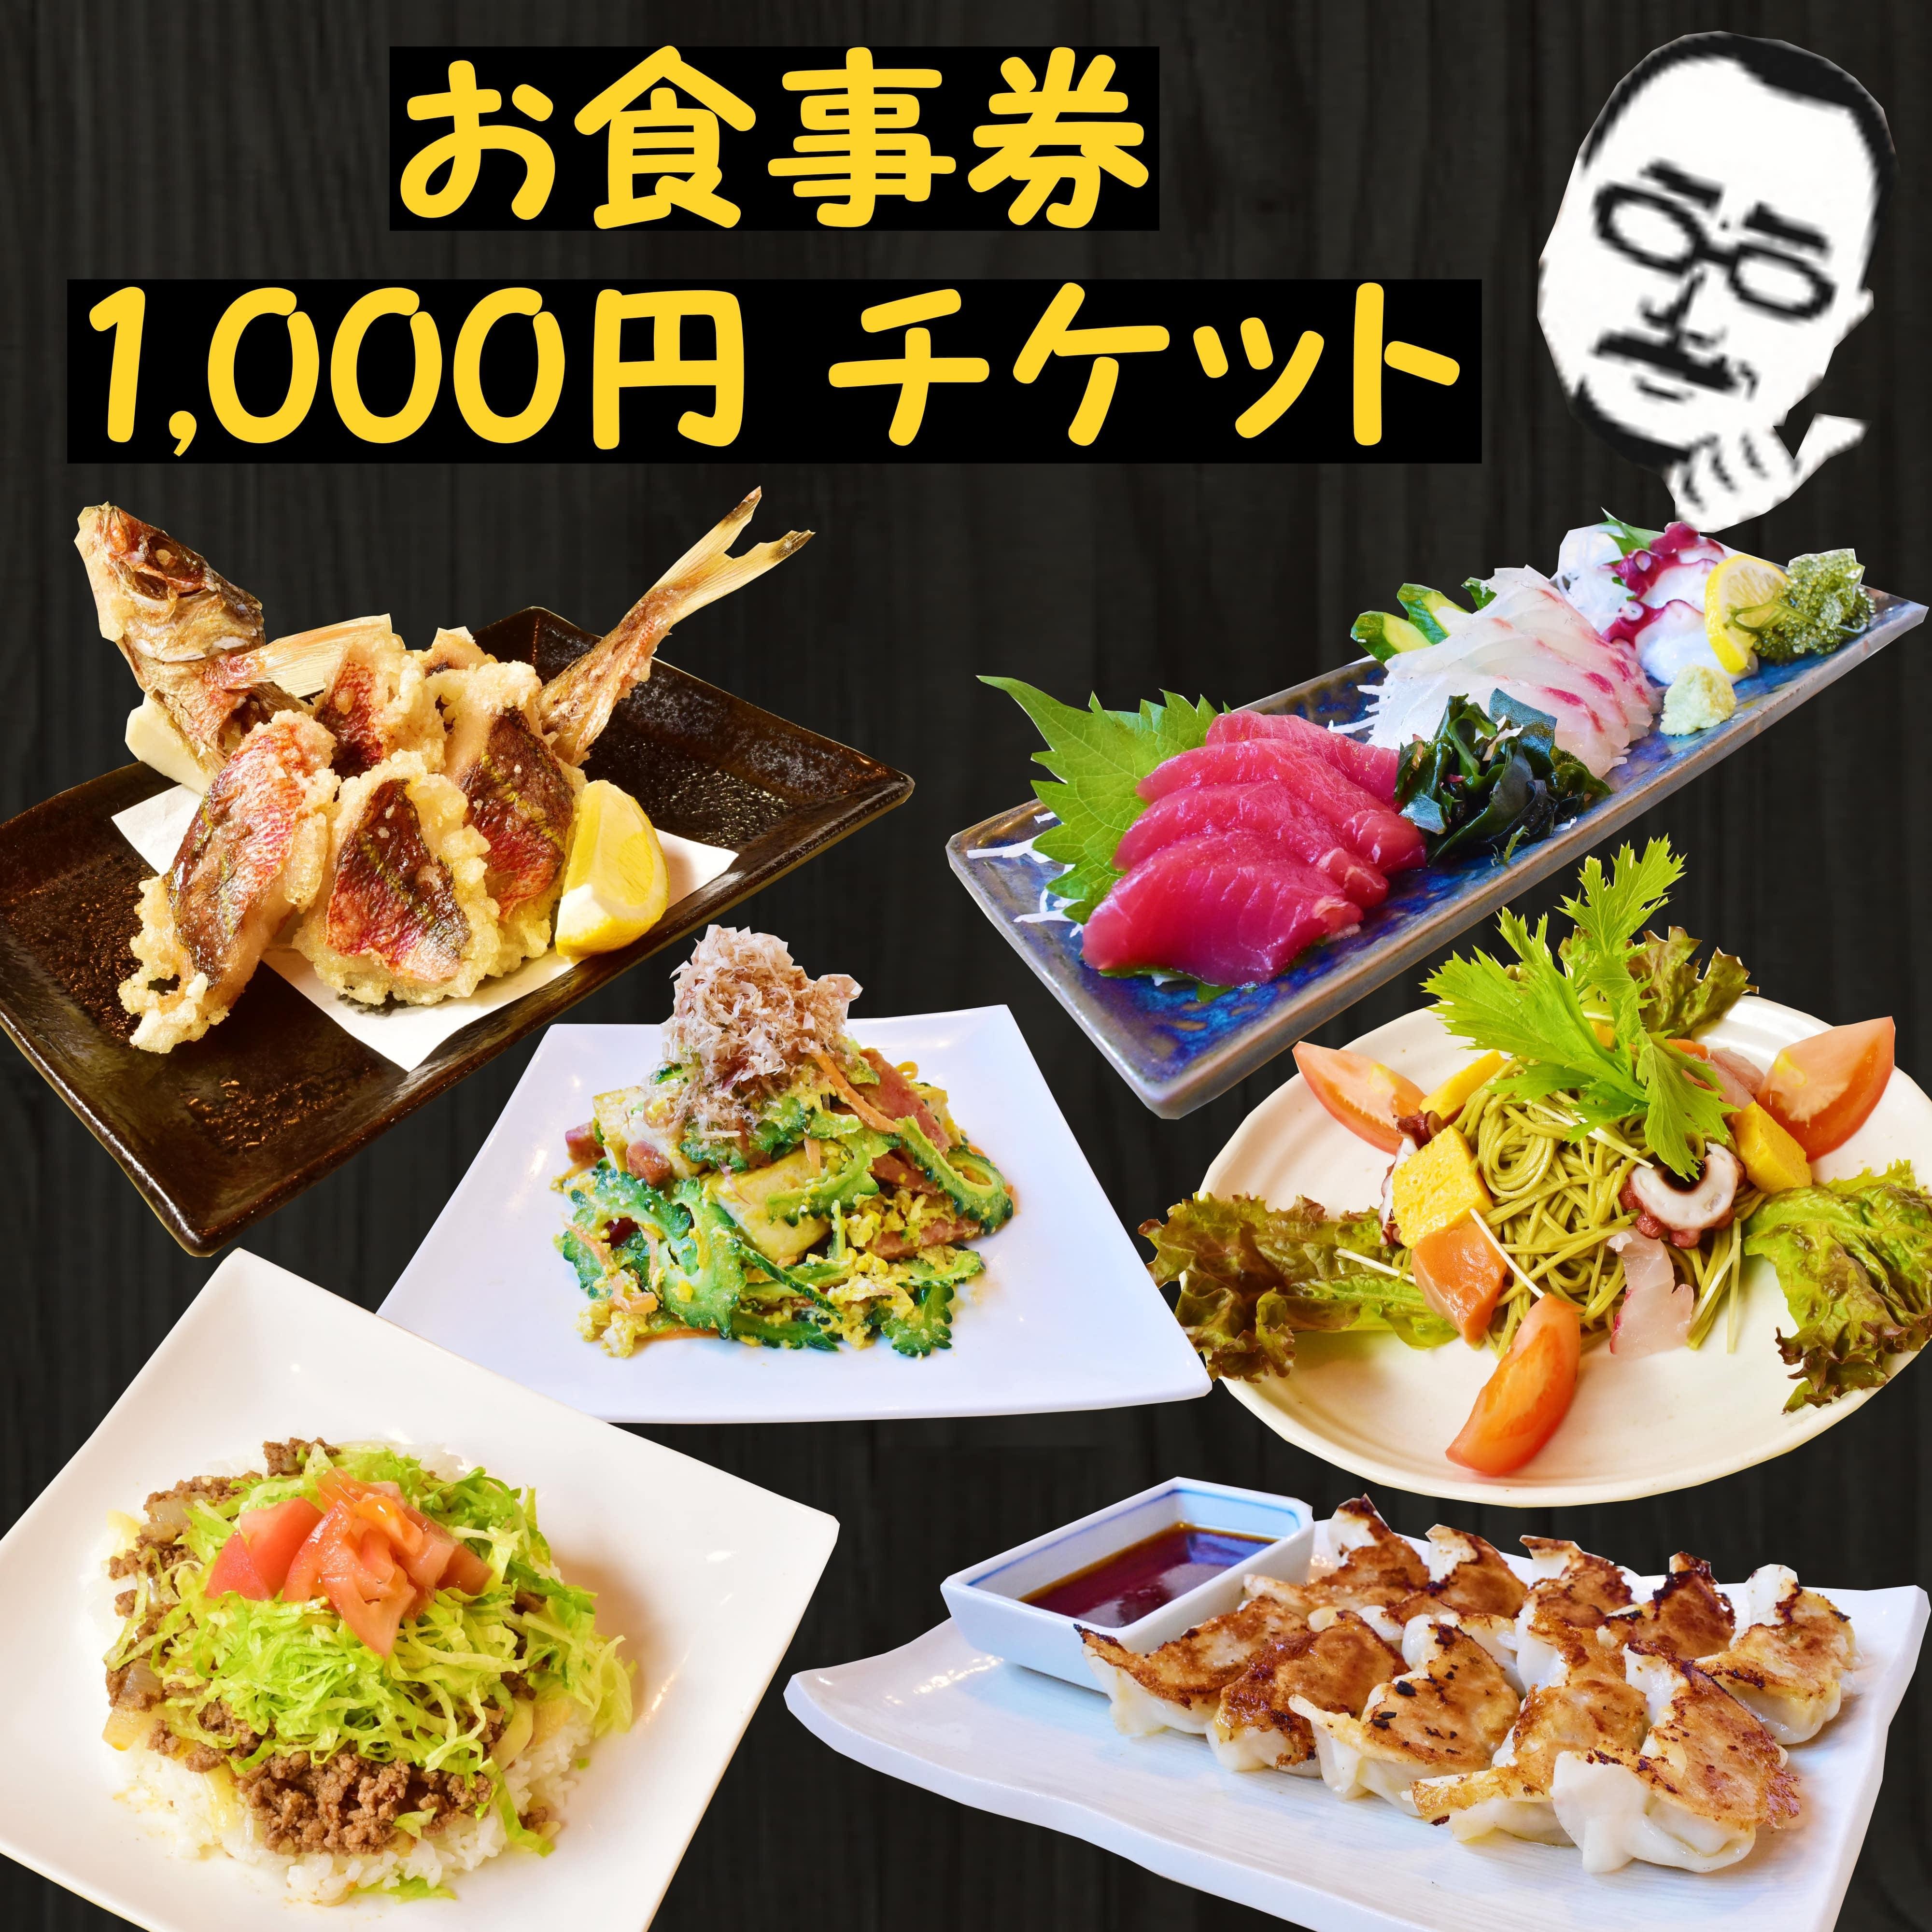 【現地払い専用】1,000円お食事券/お買い物で使えちゃうポイントが貯まりお得です‼️のイメージその1